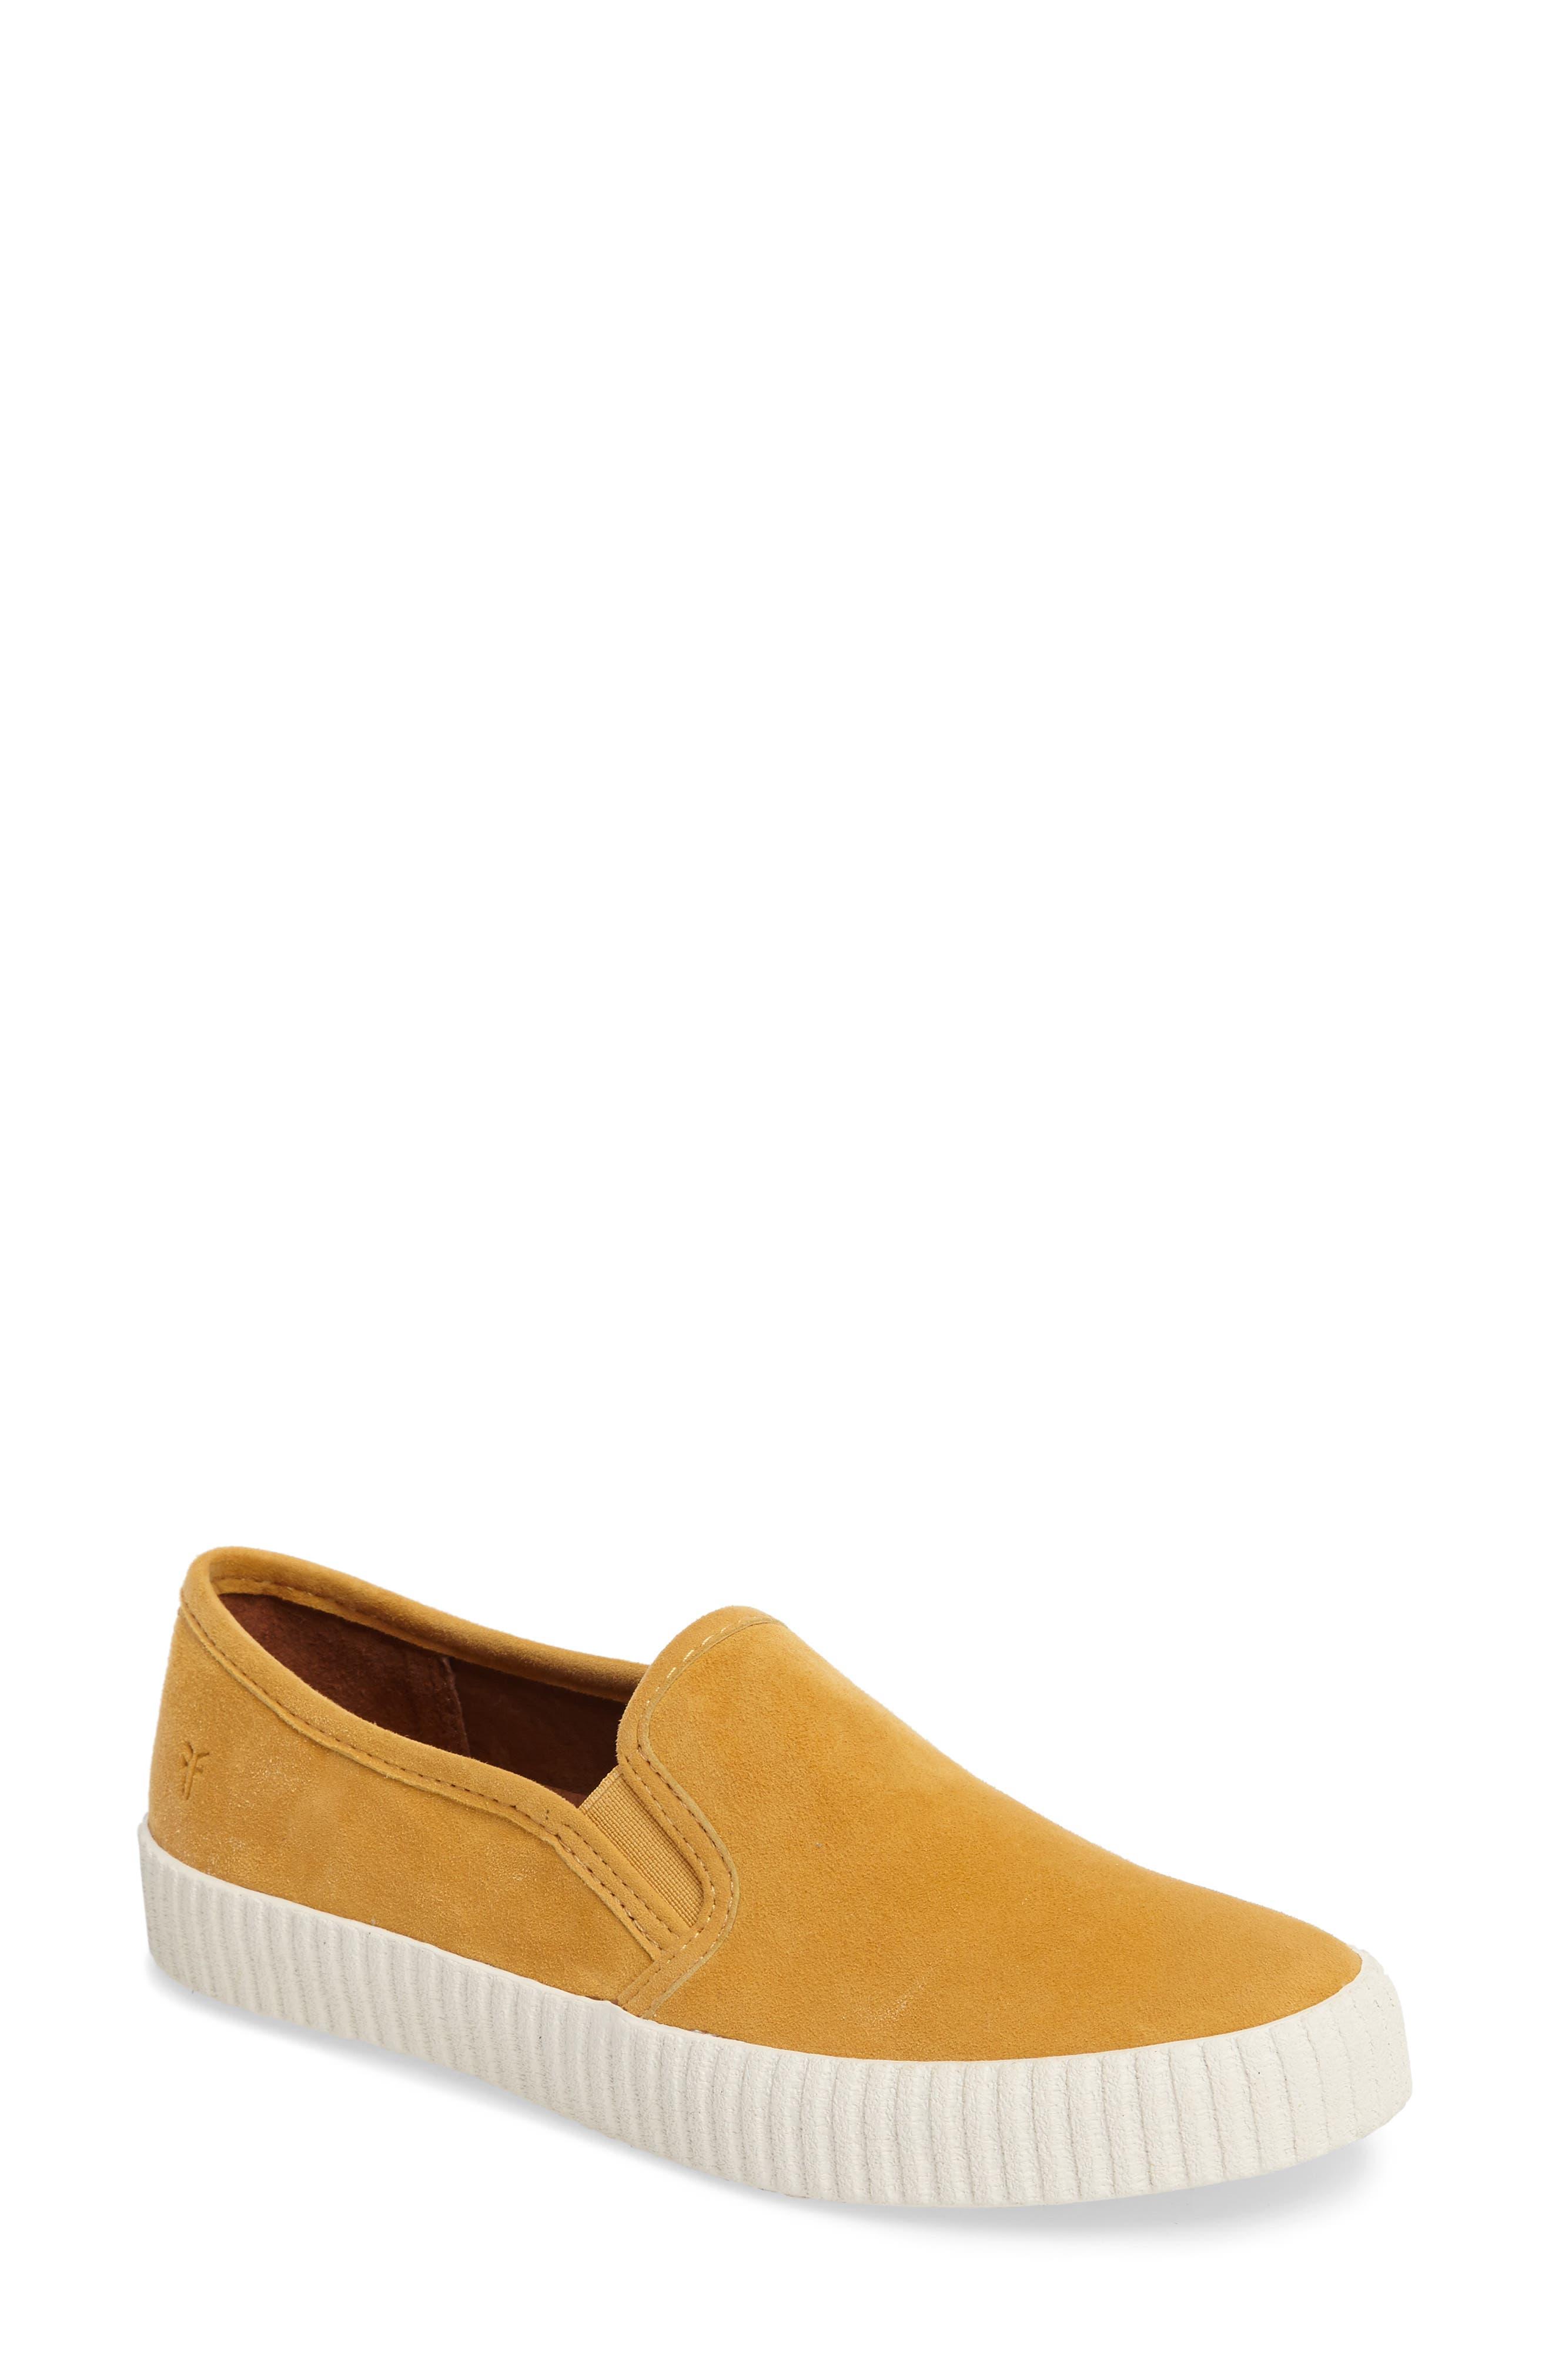 Alternate Image 1 Selected - Frye Camille Slip-On Sneaker (Women)